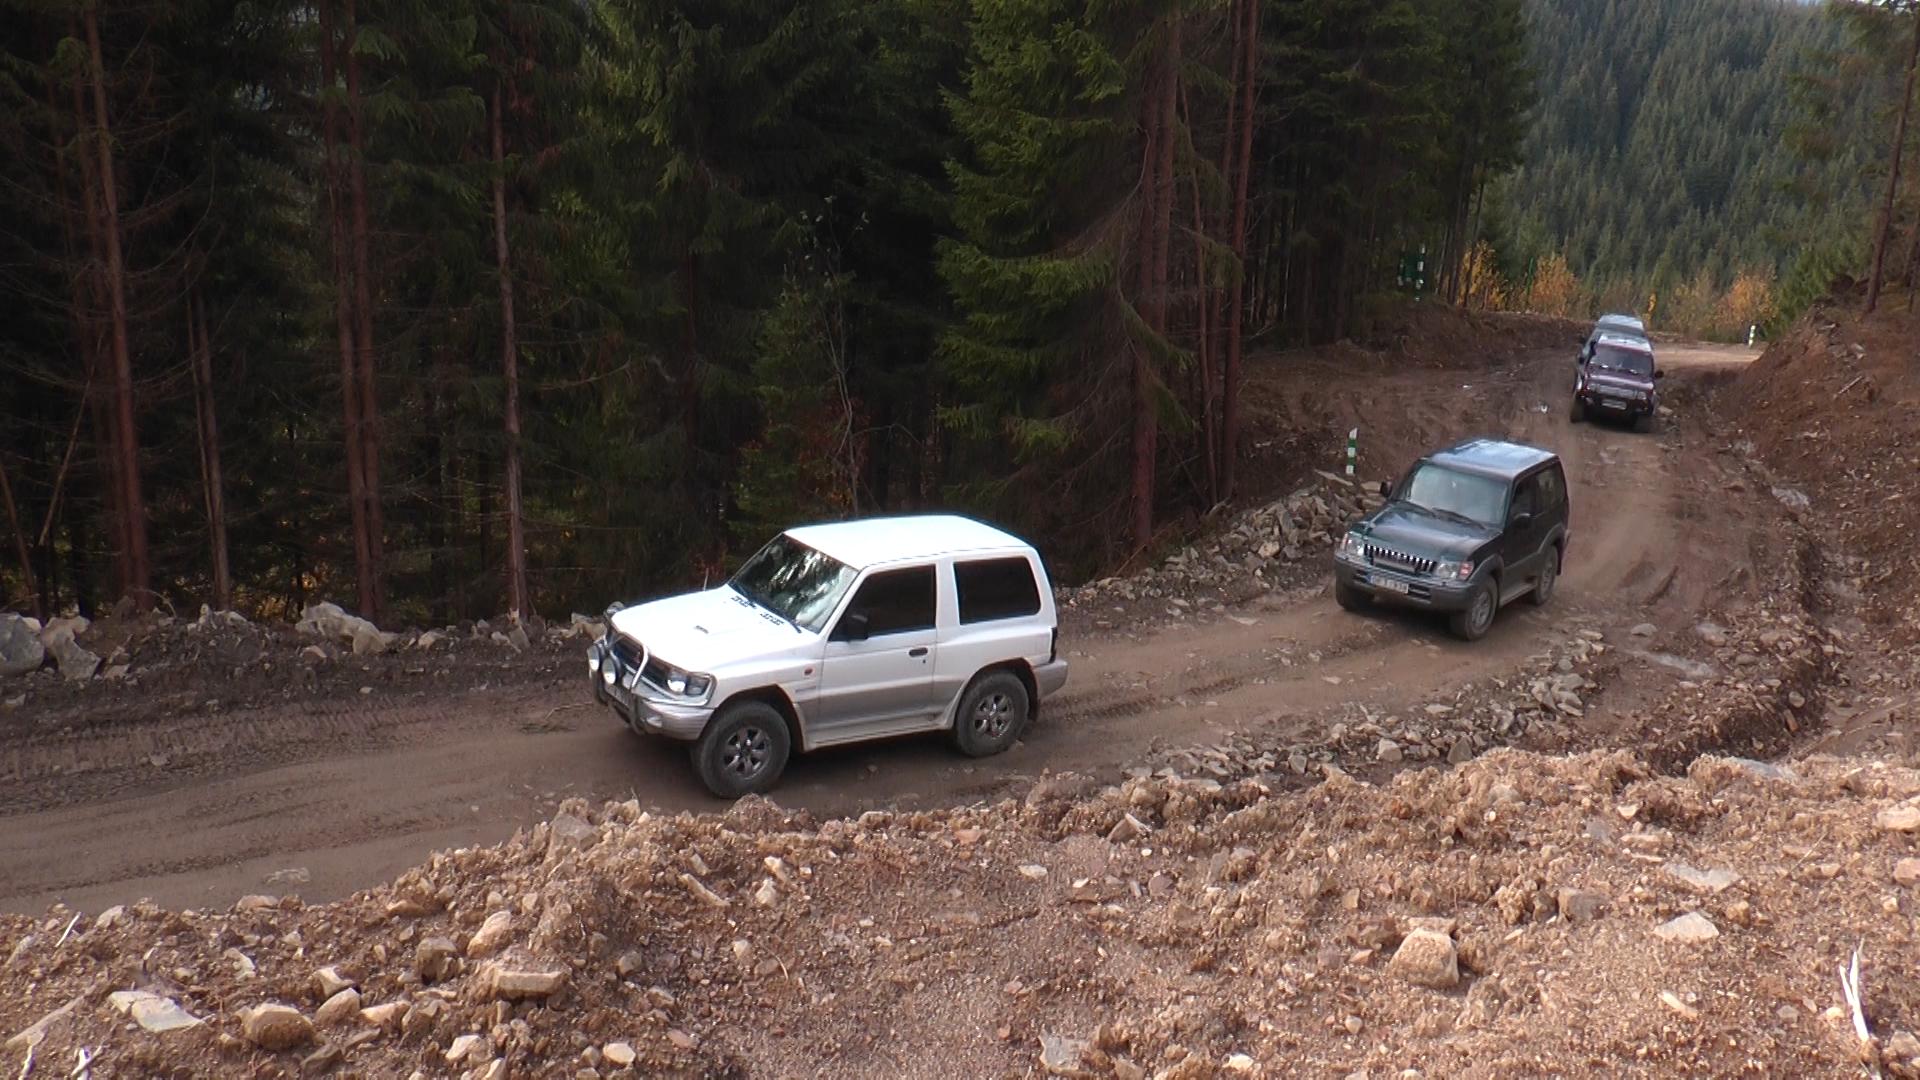 Закарпатський тест-драйв по новозбудованій лісовій дорозі та старій ім. Генерала Брусилова (ВІДЕО)